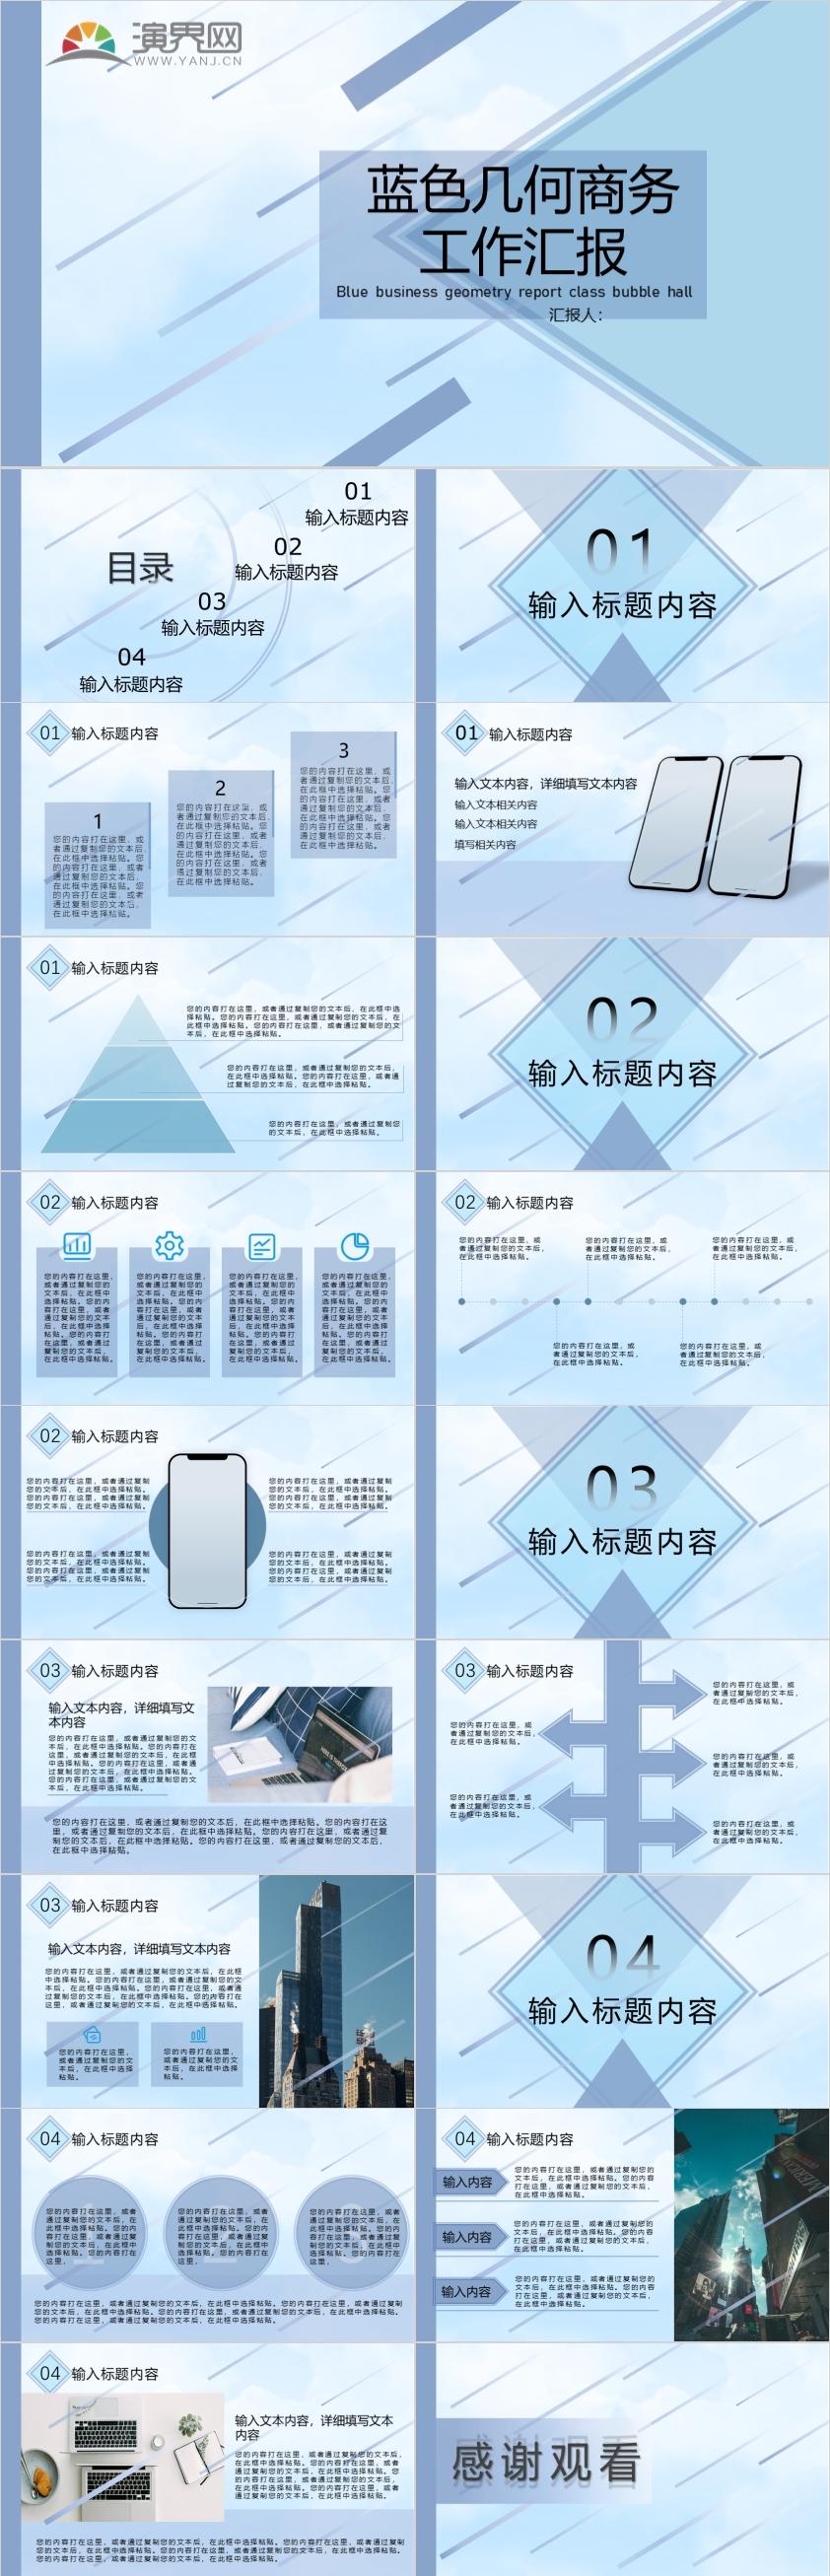 几何极简淡蓝色工作汇报PPT模板